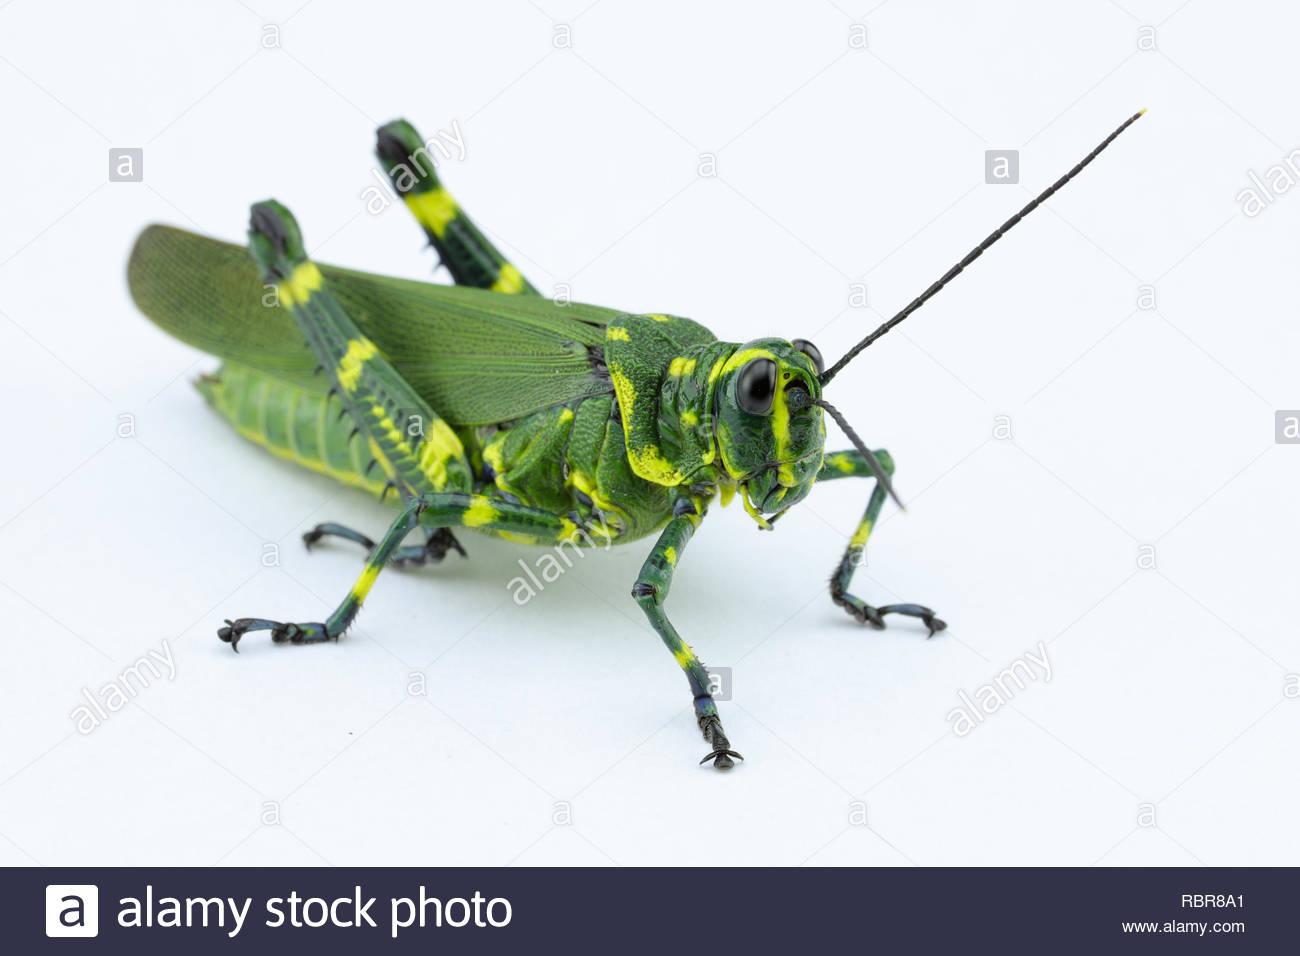 Tokyo Cufflinks Green Grasshopper TIE Clips